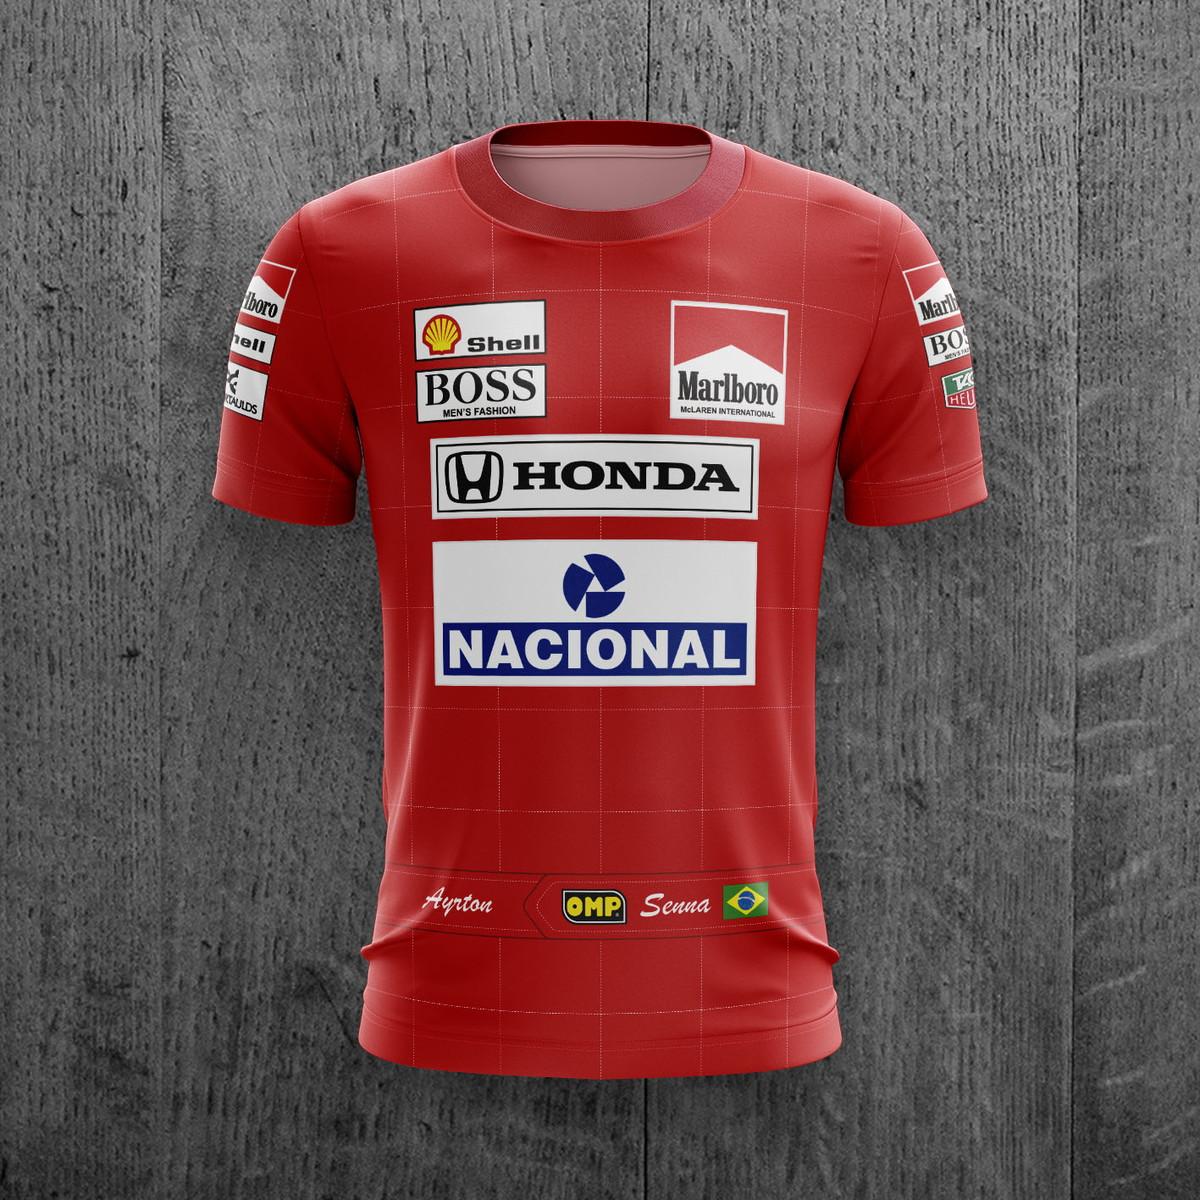 e2b39a8904 Camiseta Ayrton Senna McLaren Fórmula 1 Corrida no Elo7